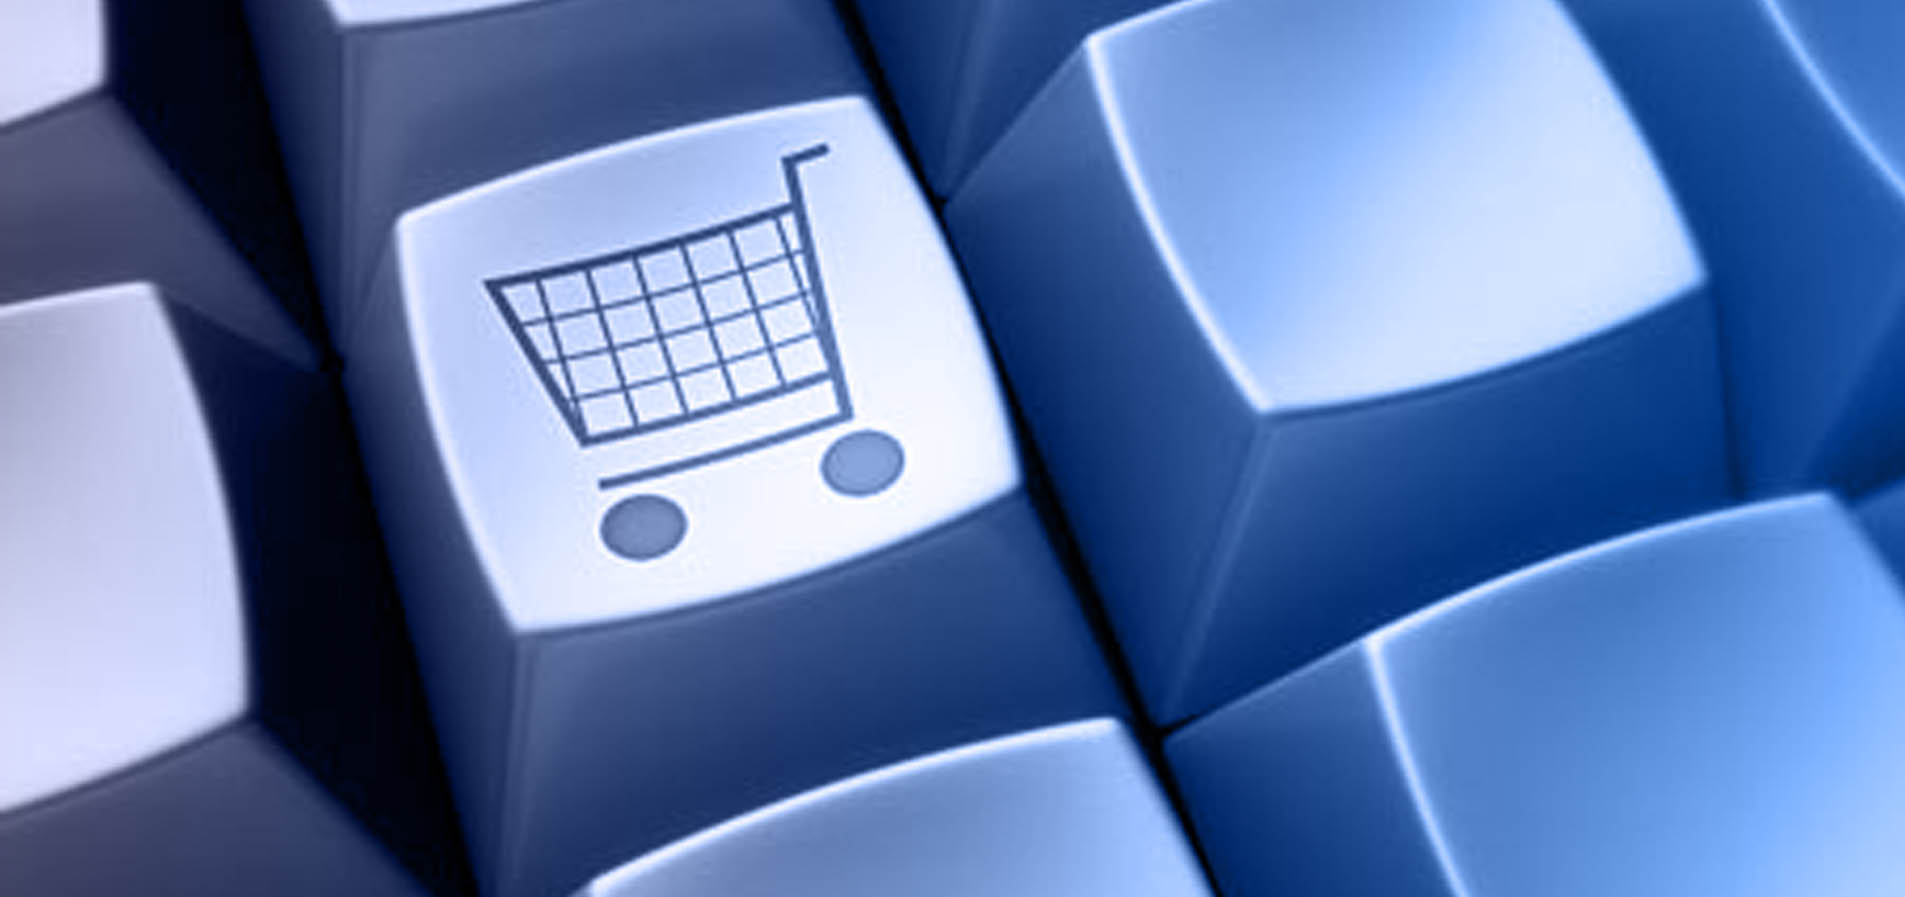 imagen simbólica sobre e-commerce